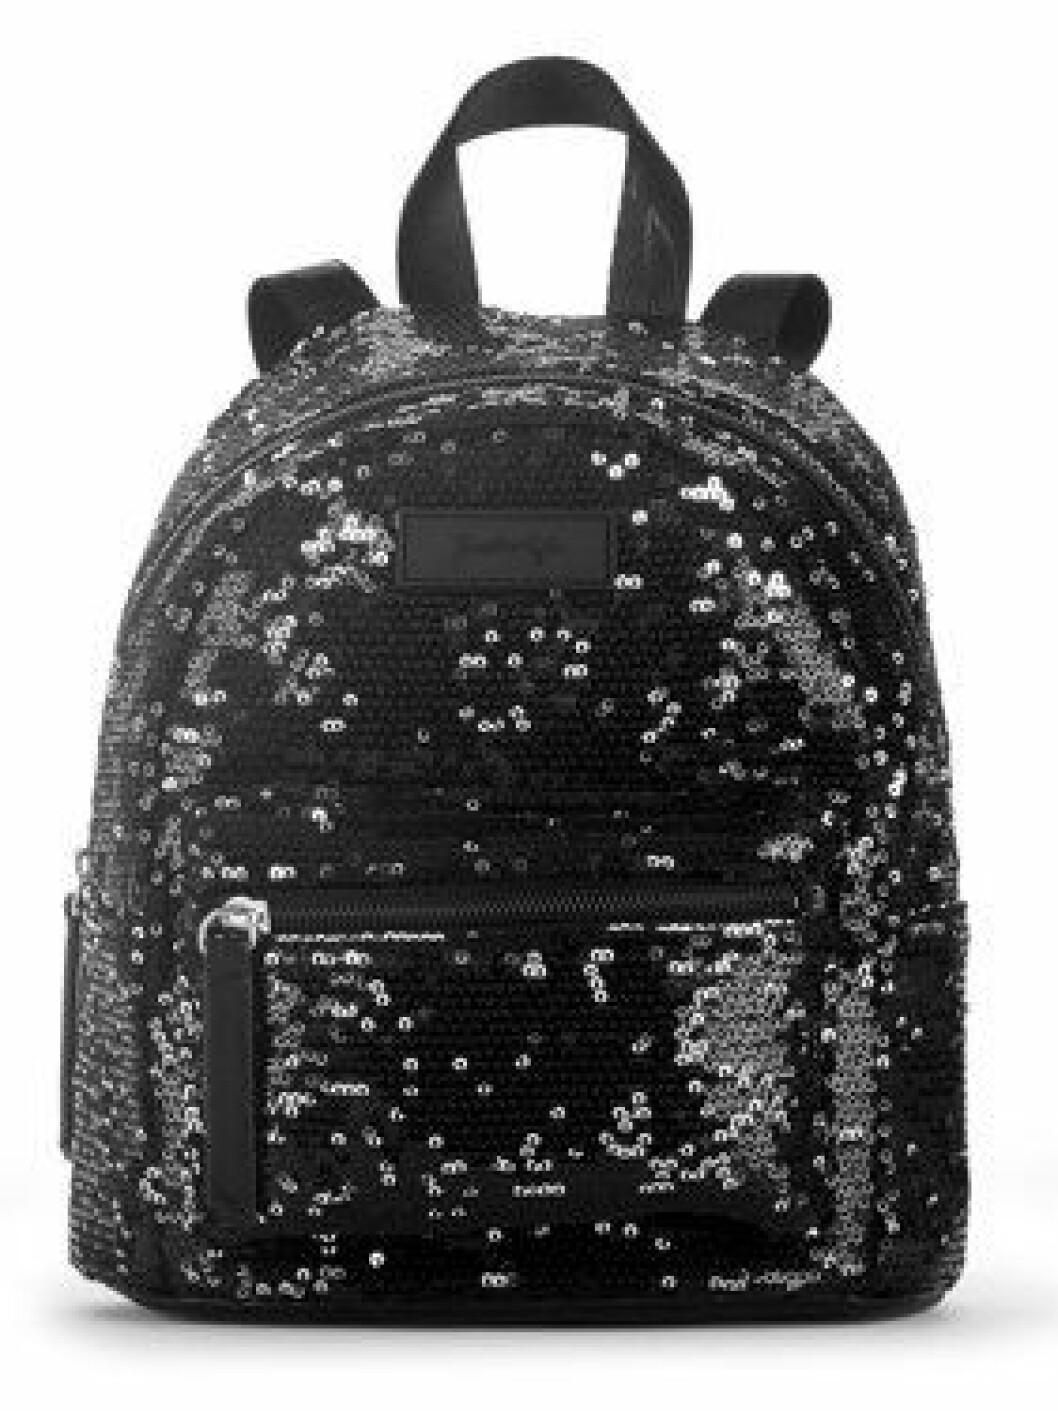 En bild på en ryggsäck med svarta pajletter från Kendall och Kylie Jenners väskkollektion för Walmart.